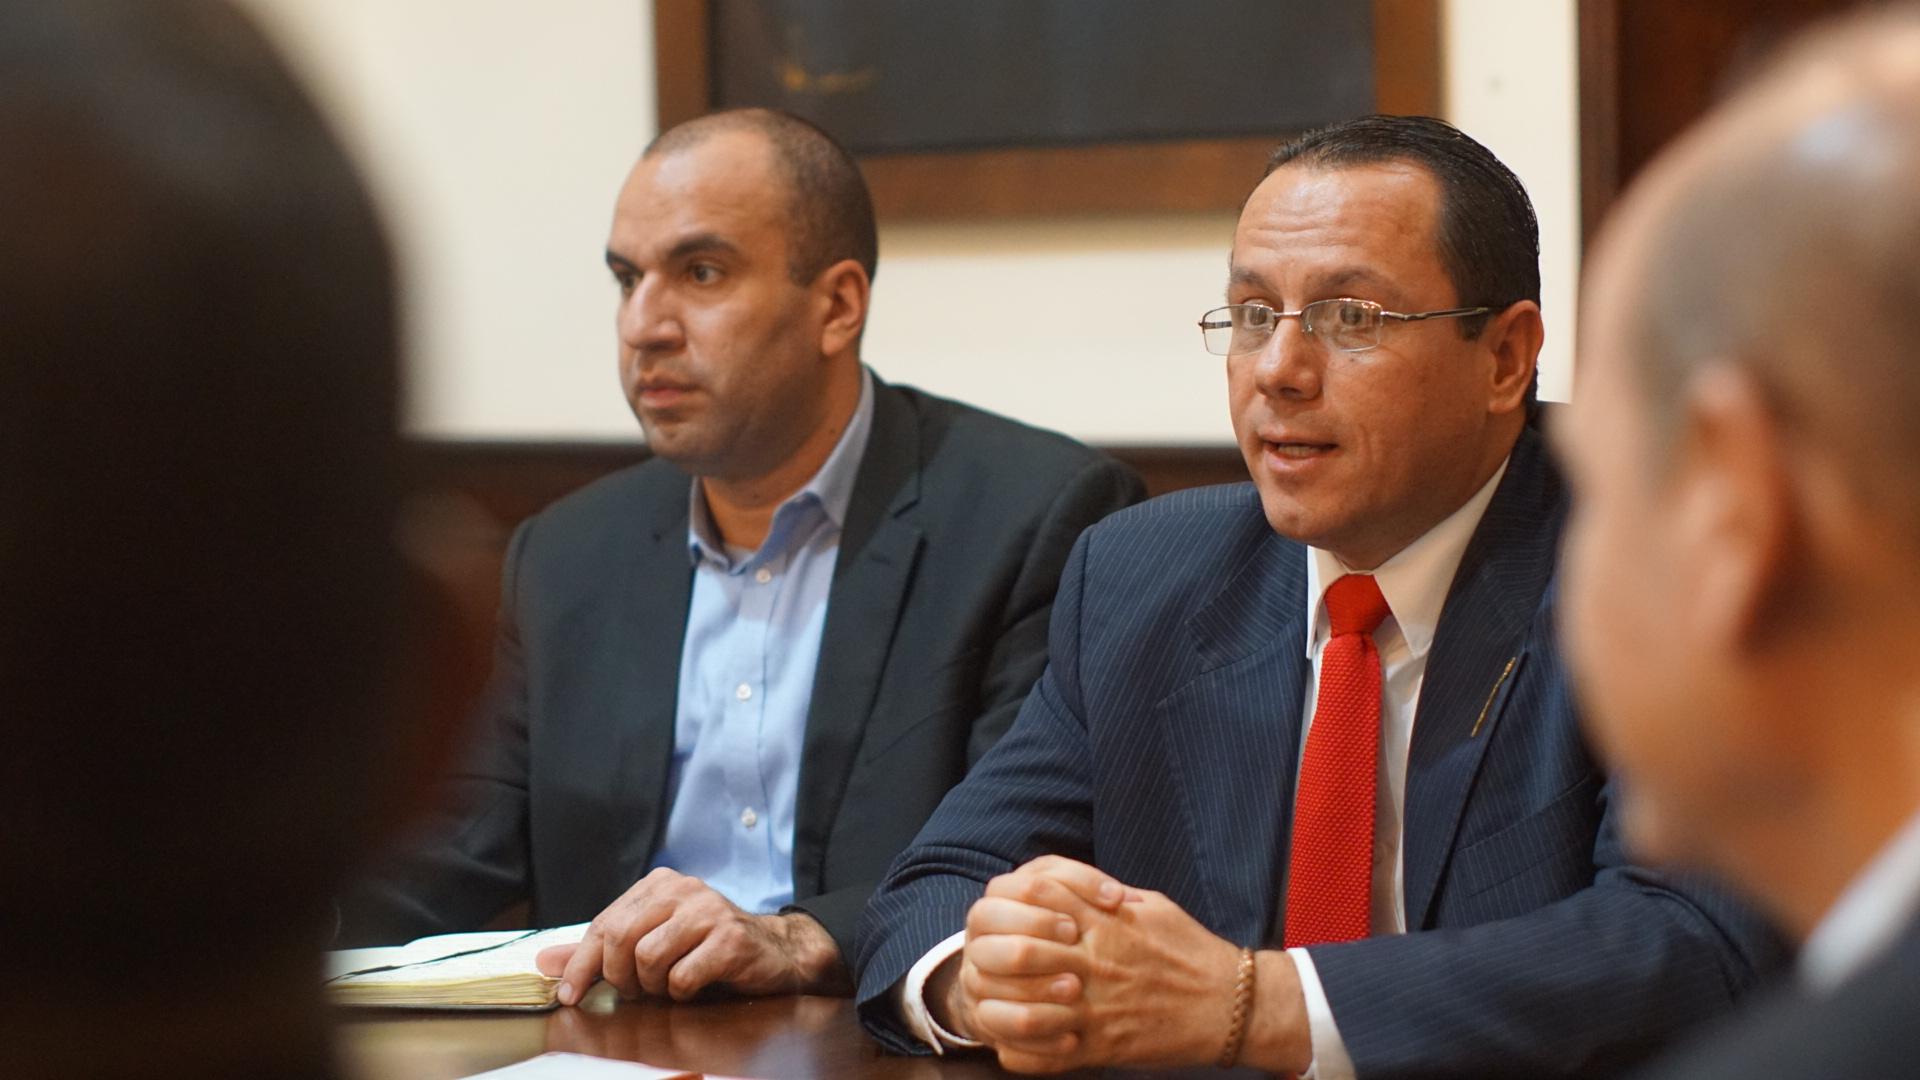 Gobierno Bolivariano y Organización de Naciones Unidas coordinan plan de respuesta humanitaria frente a medidas coercitivas unilaterales